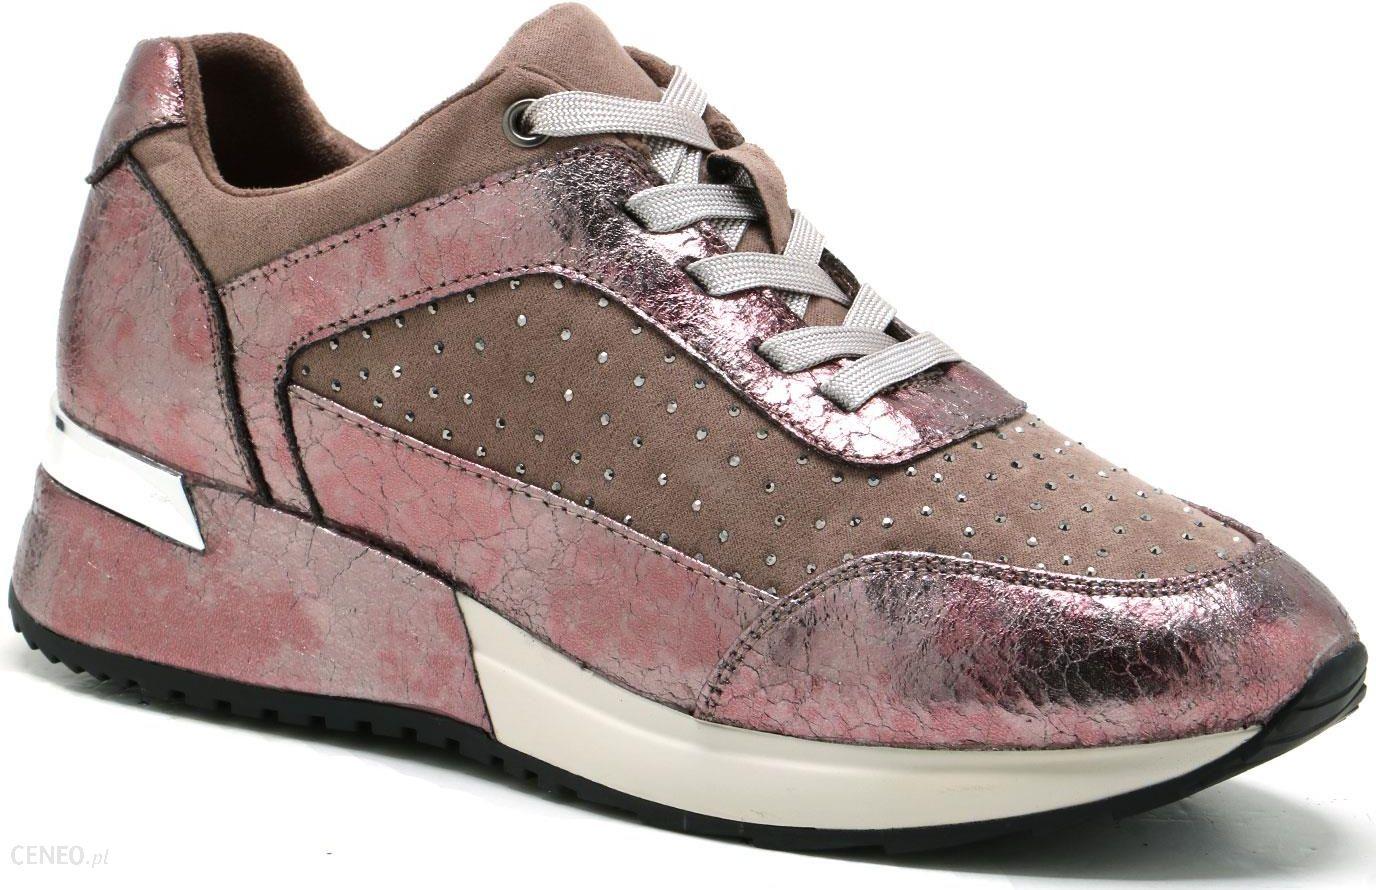 Sneakersy SERGIO LEONE SP005 Ceny i opinie Ceneo.pl